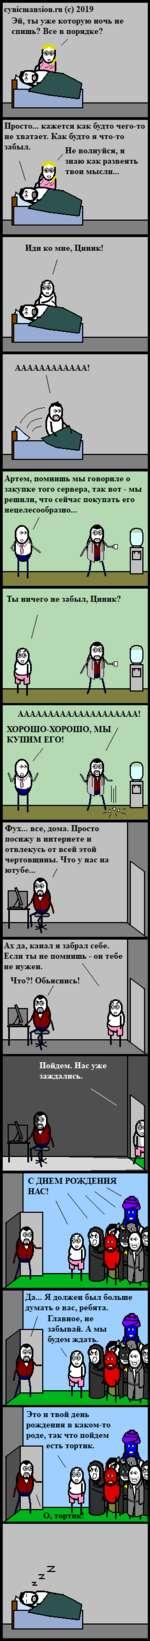 cynicmansion.ru (с) 2019 Эй, ты уже которую ночь не спишь? Все в порядке? Просто... кажется как будто чего-то не хватает. Как будто я что-то забыл.Не ВОЛНу£ся> я ^ знаю как развеять твои мысли... Иди ко мне, Циник! АААААААААААА! Артем, помнишь мы говориле о закупке того сервера, так вот - мы